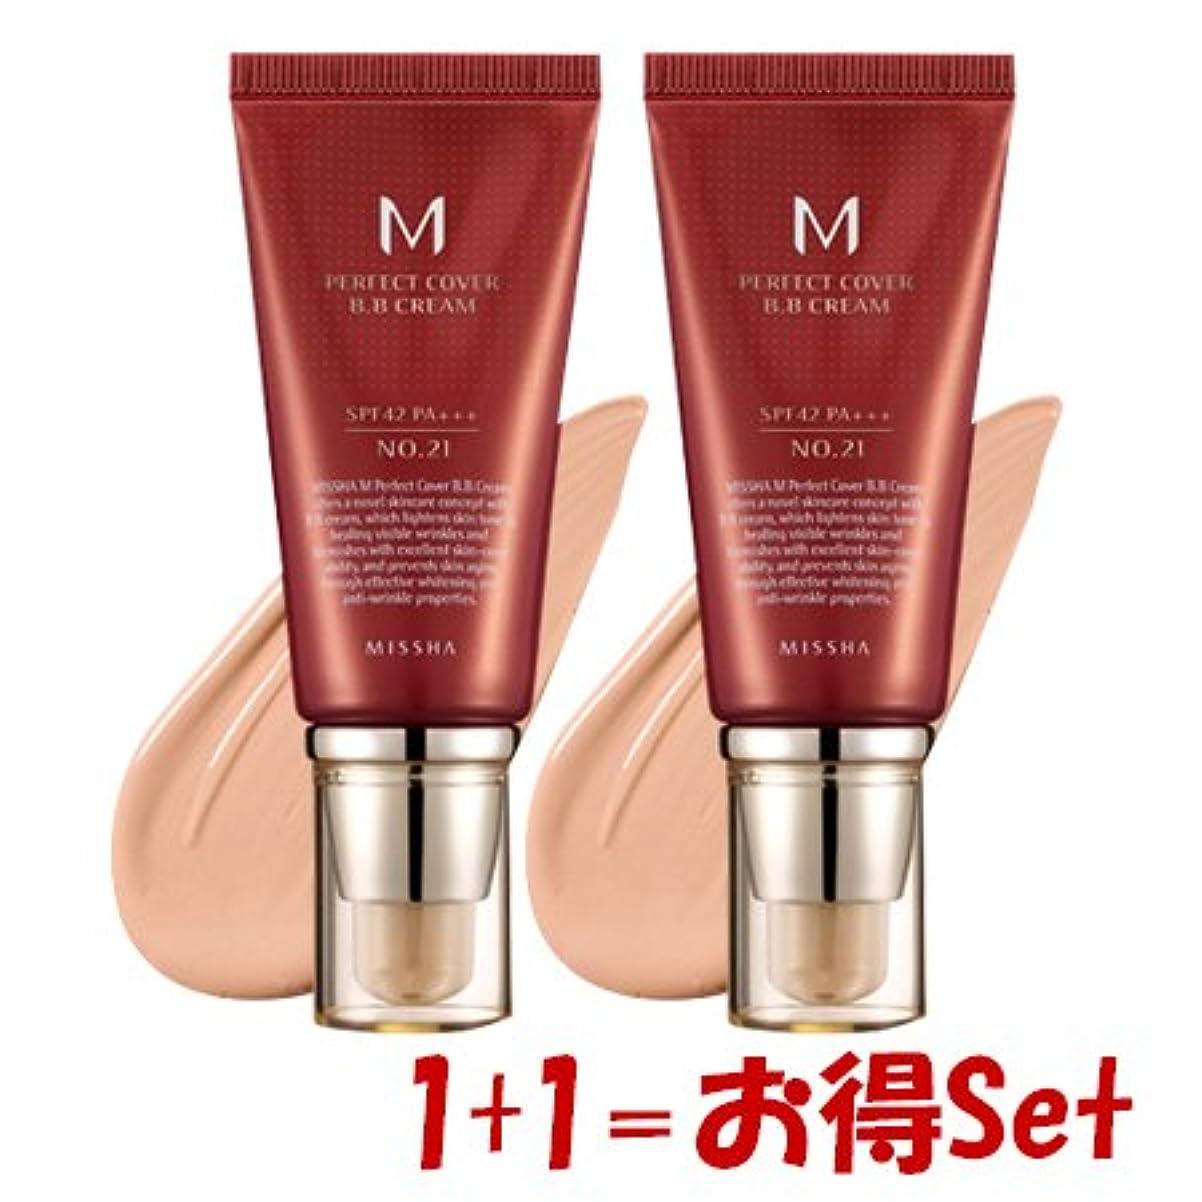 怠感薬コインランドリーMISSHA(ミシャ) M Perfect Cover パーフェクトカバーBBクリーム 21号+ 21号(1+1=Set) [並行輸入品]